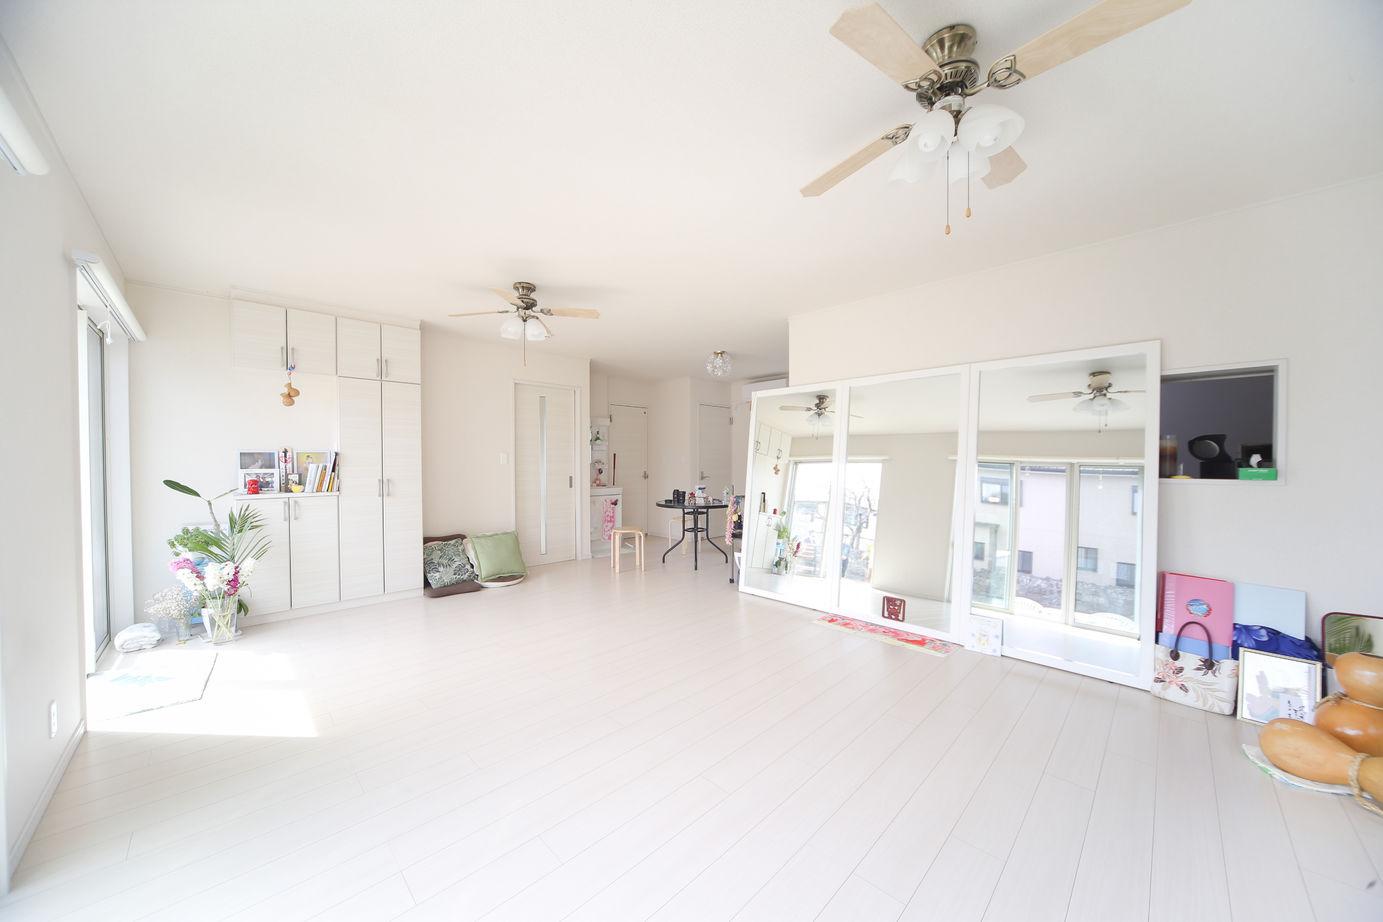 フラダンス教室と美容院を併設したお家画像1